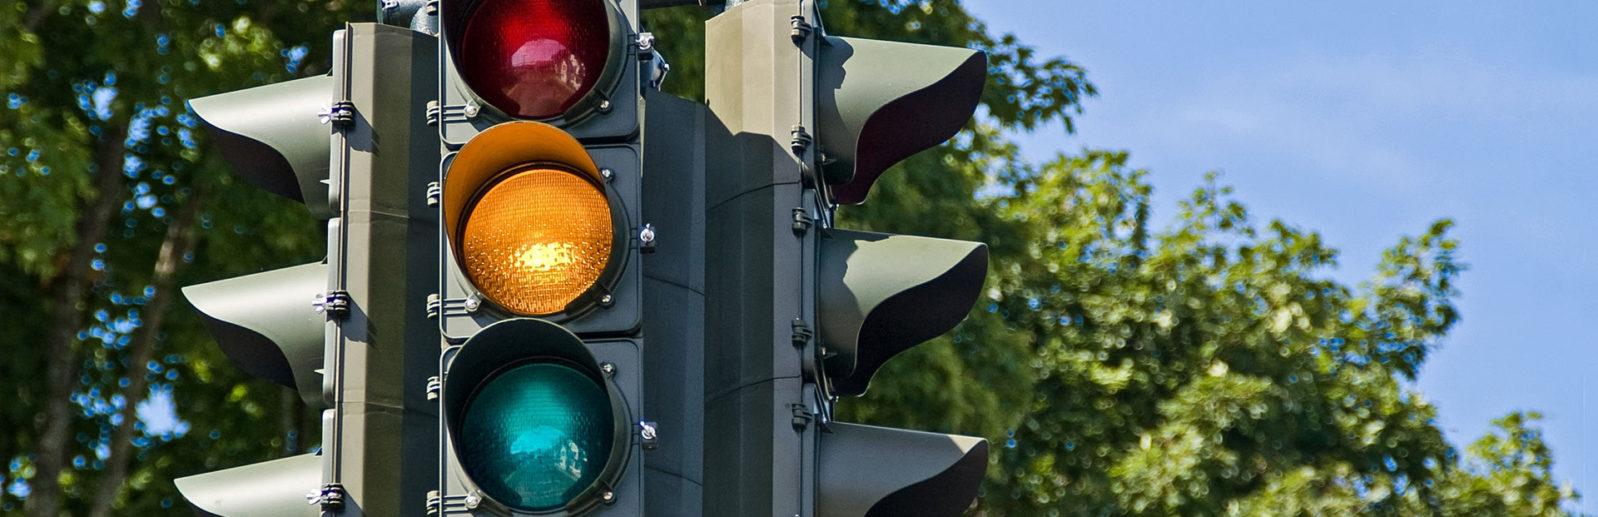 Светофоры в Симферополе